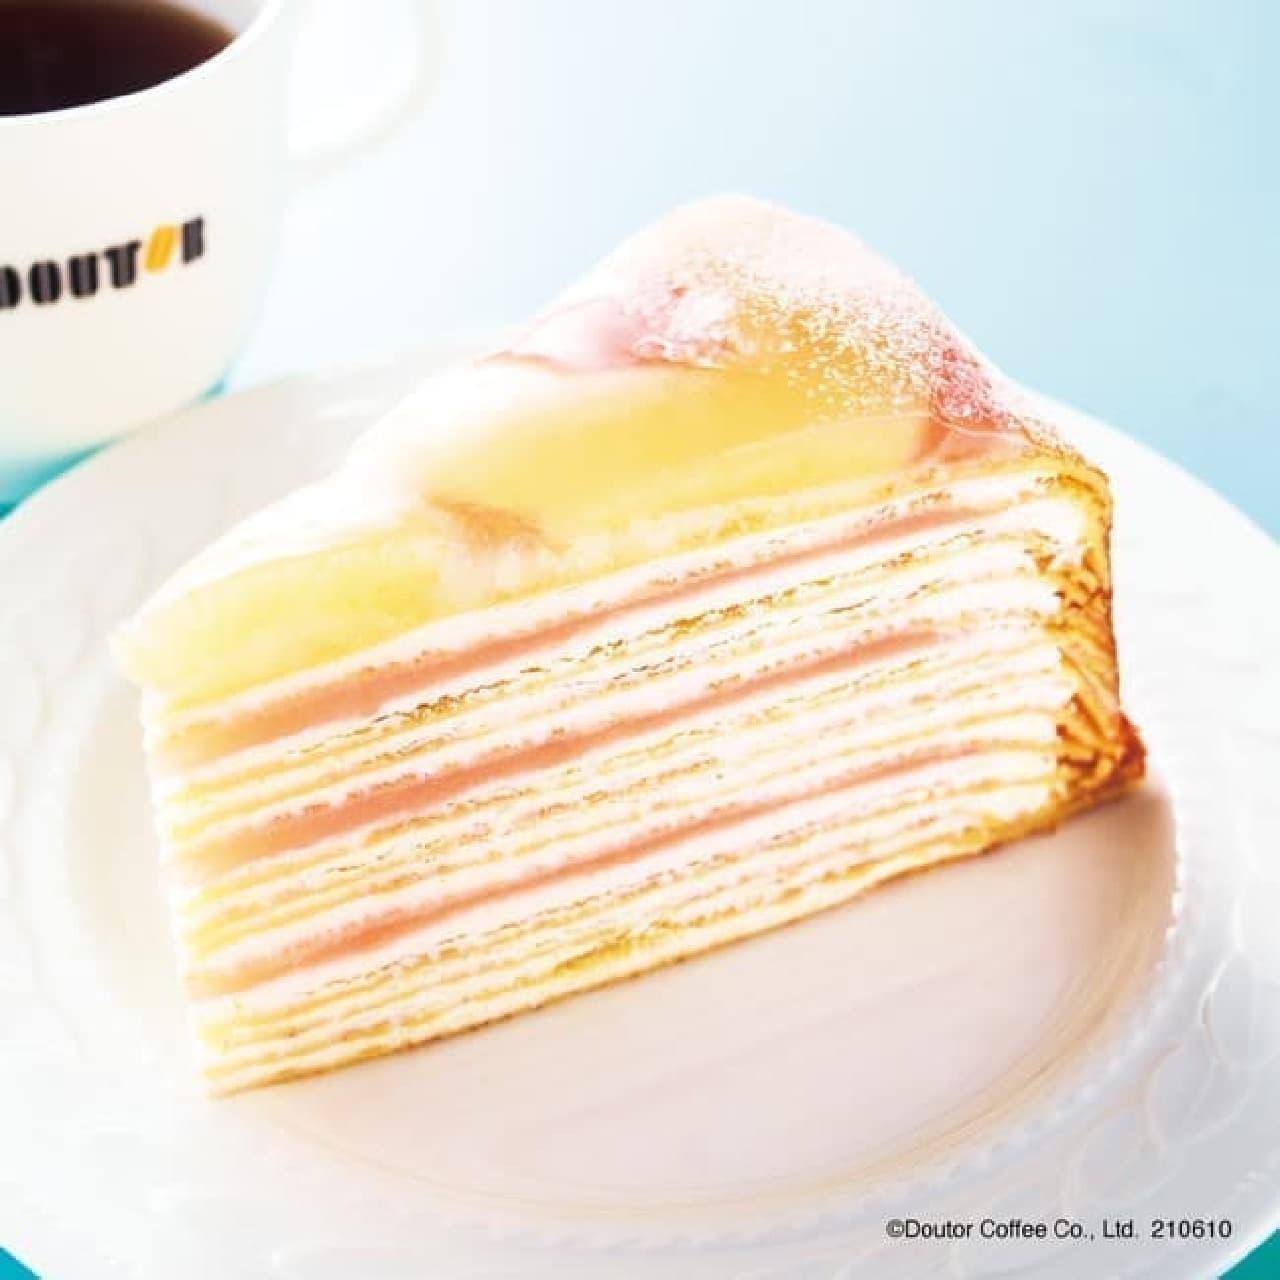 ドトールコーヒーショップ「福島県産白桃のミルクレープ」